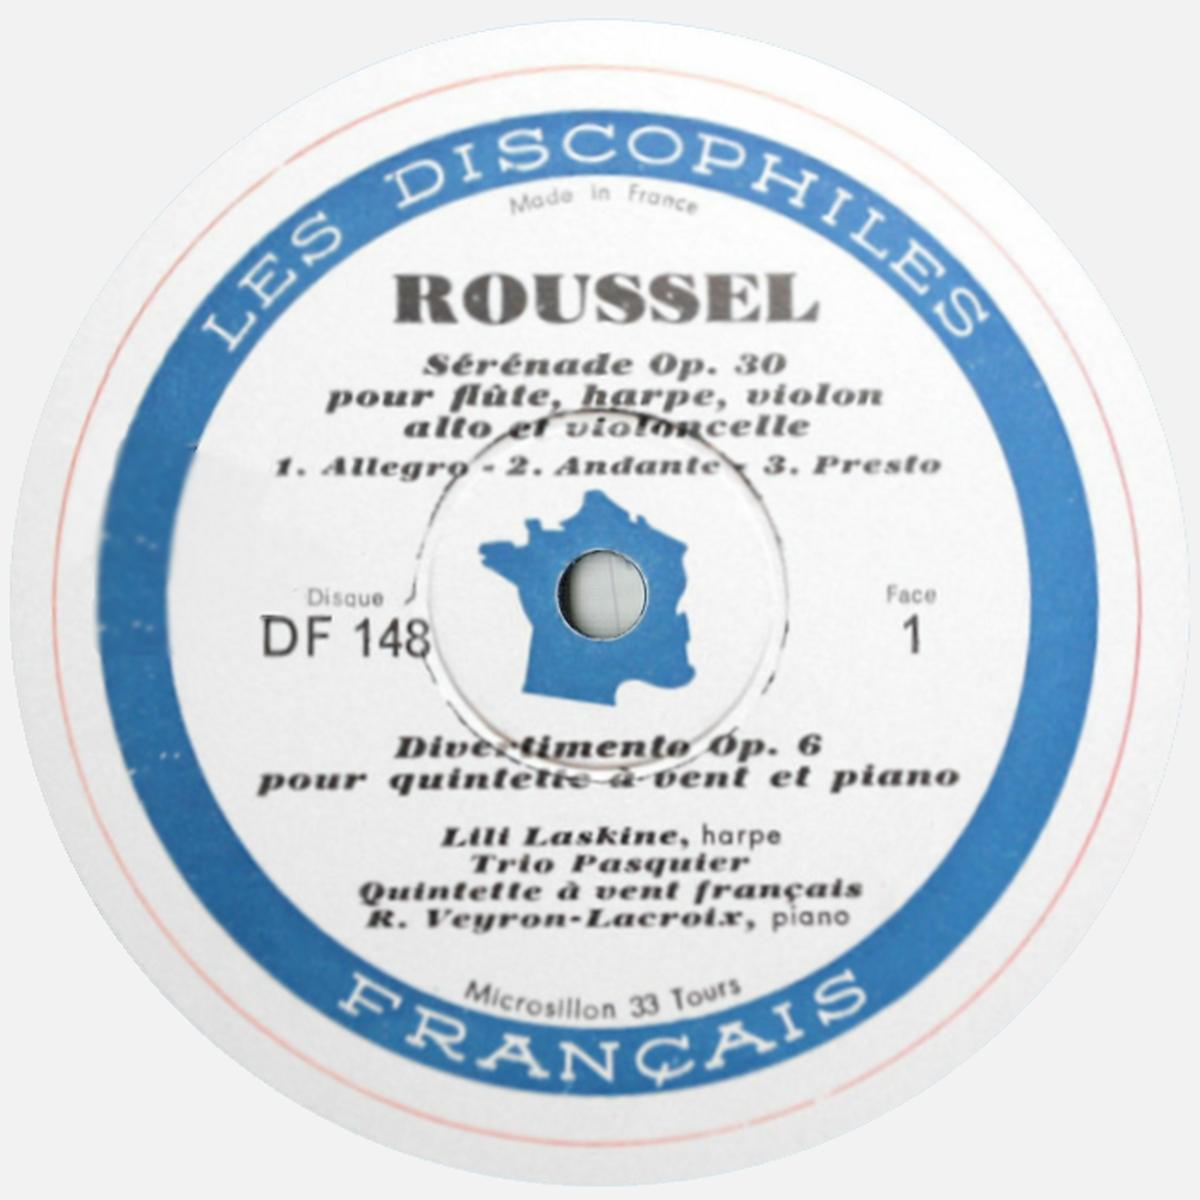 Étiquette du disque DF 148, cliquer pour une vue agrandie